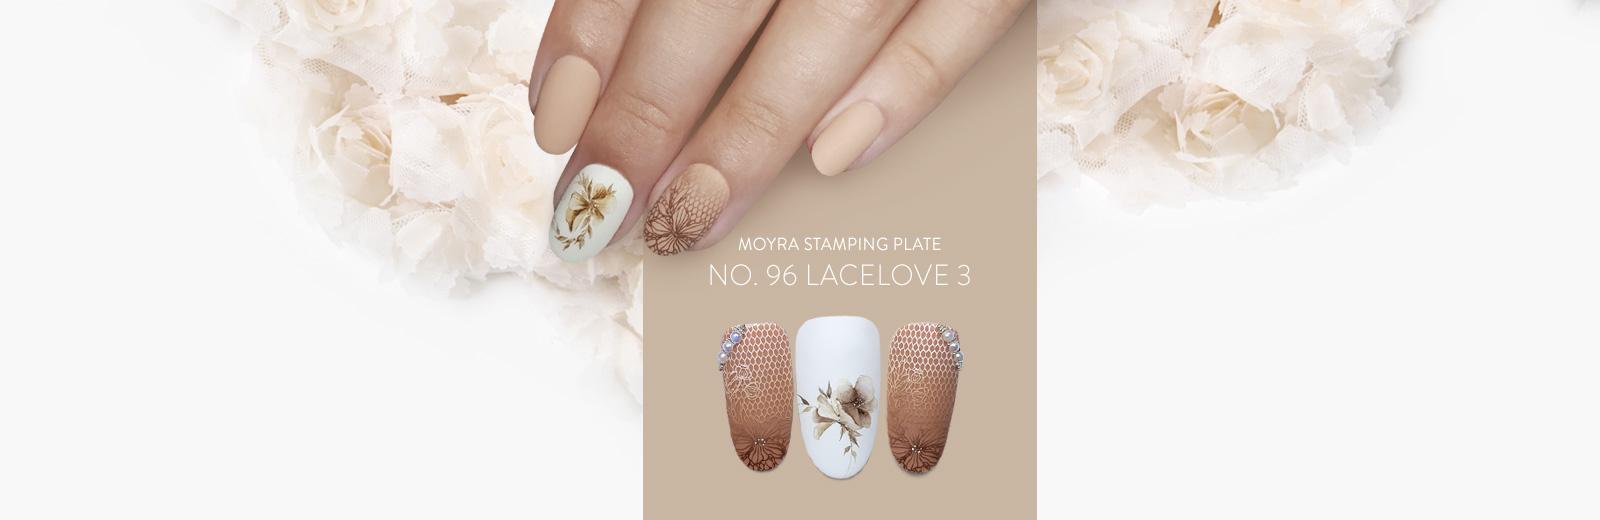 Moyra nail art stamping plate No. 96 Lacelove 30